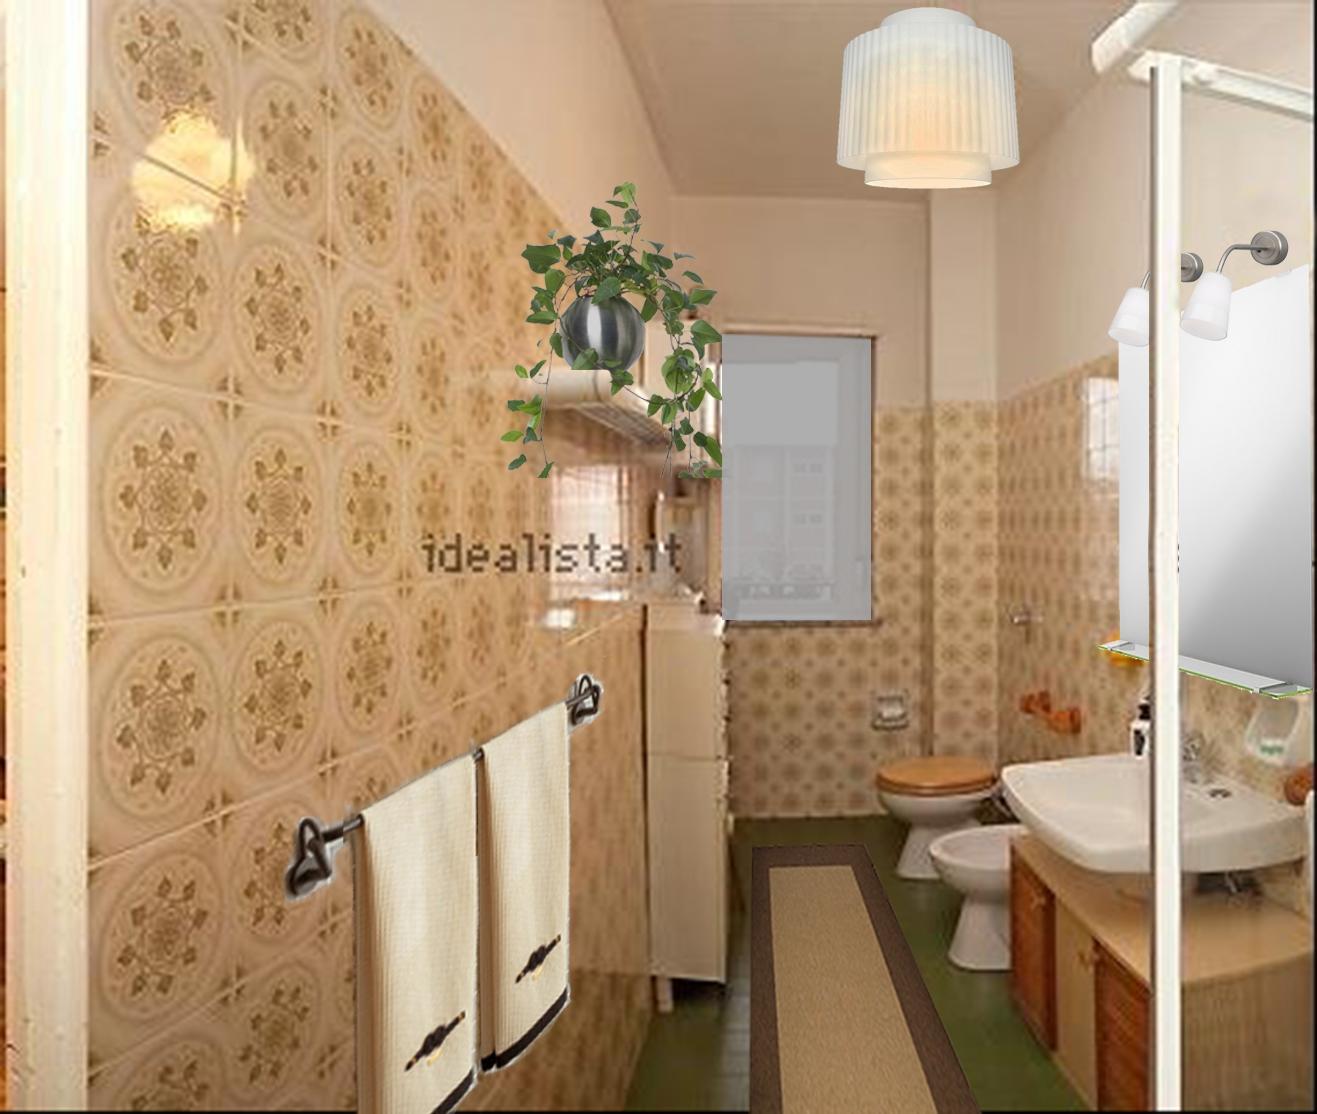 lampadario per bagno : Home staging: come far risaltare il tipico appartamento italiano ...